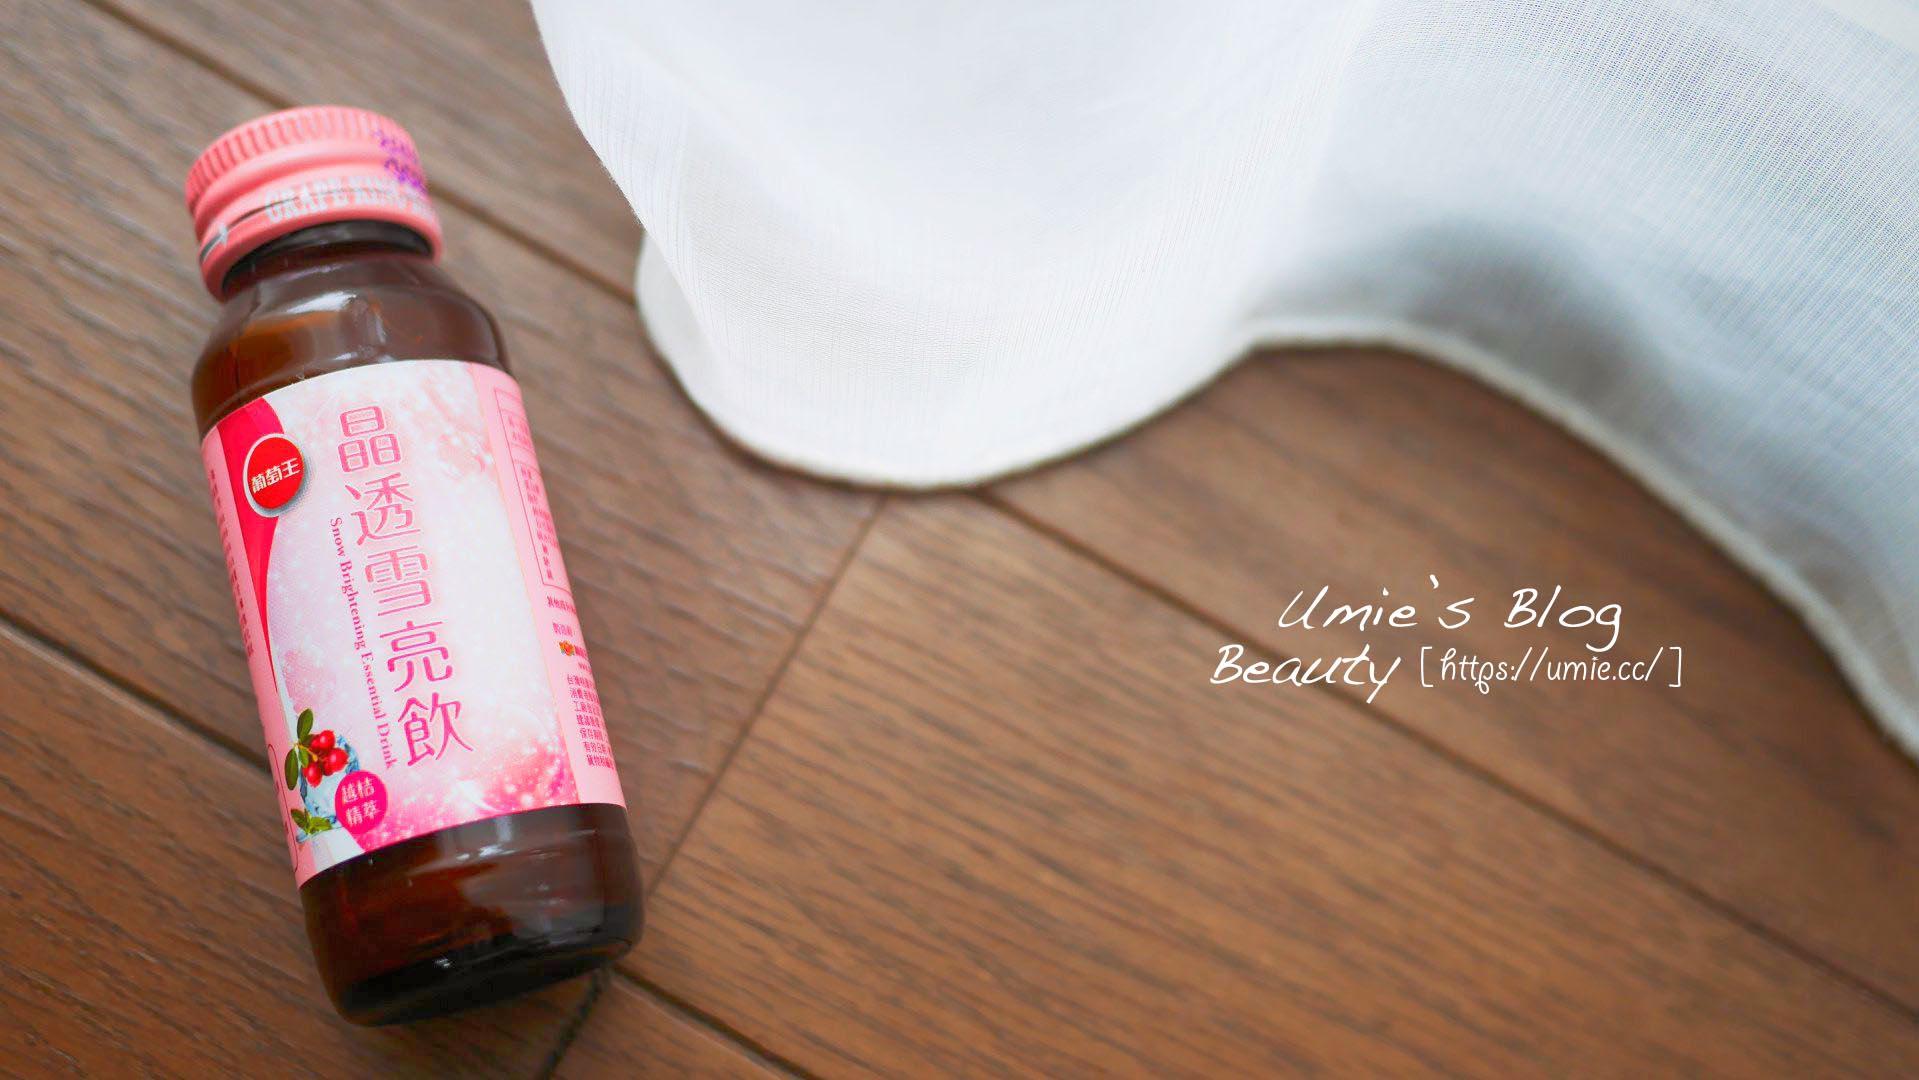 葡萄王晶透雪亮飲|越桔萃取熊果素 ,每天10秒,用喝的就可以全身變透白!